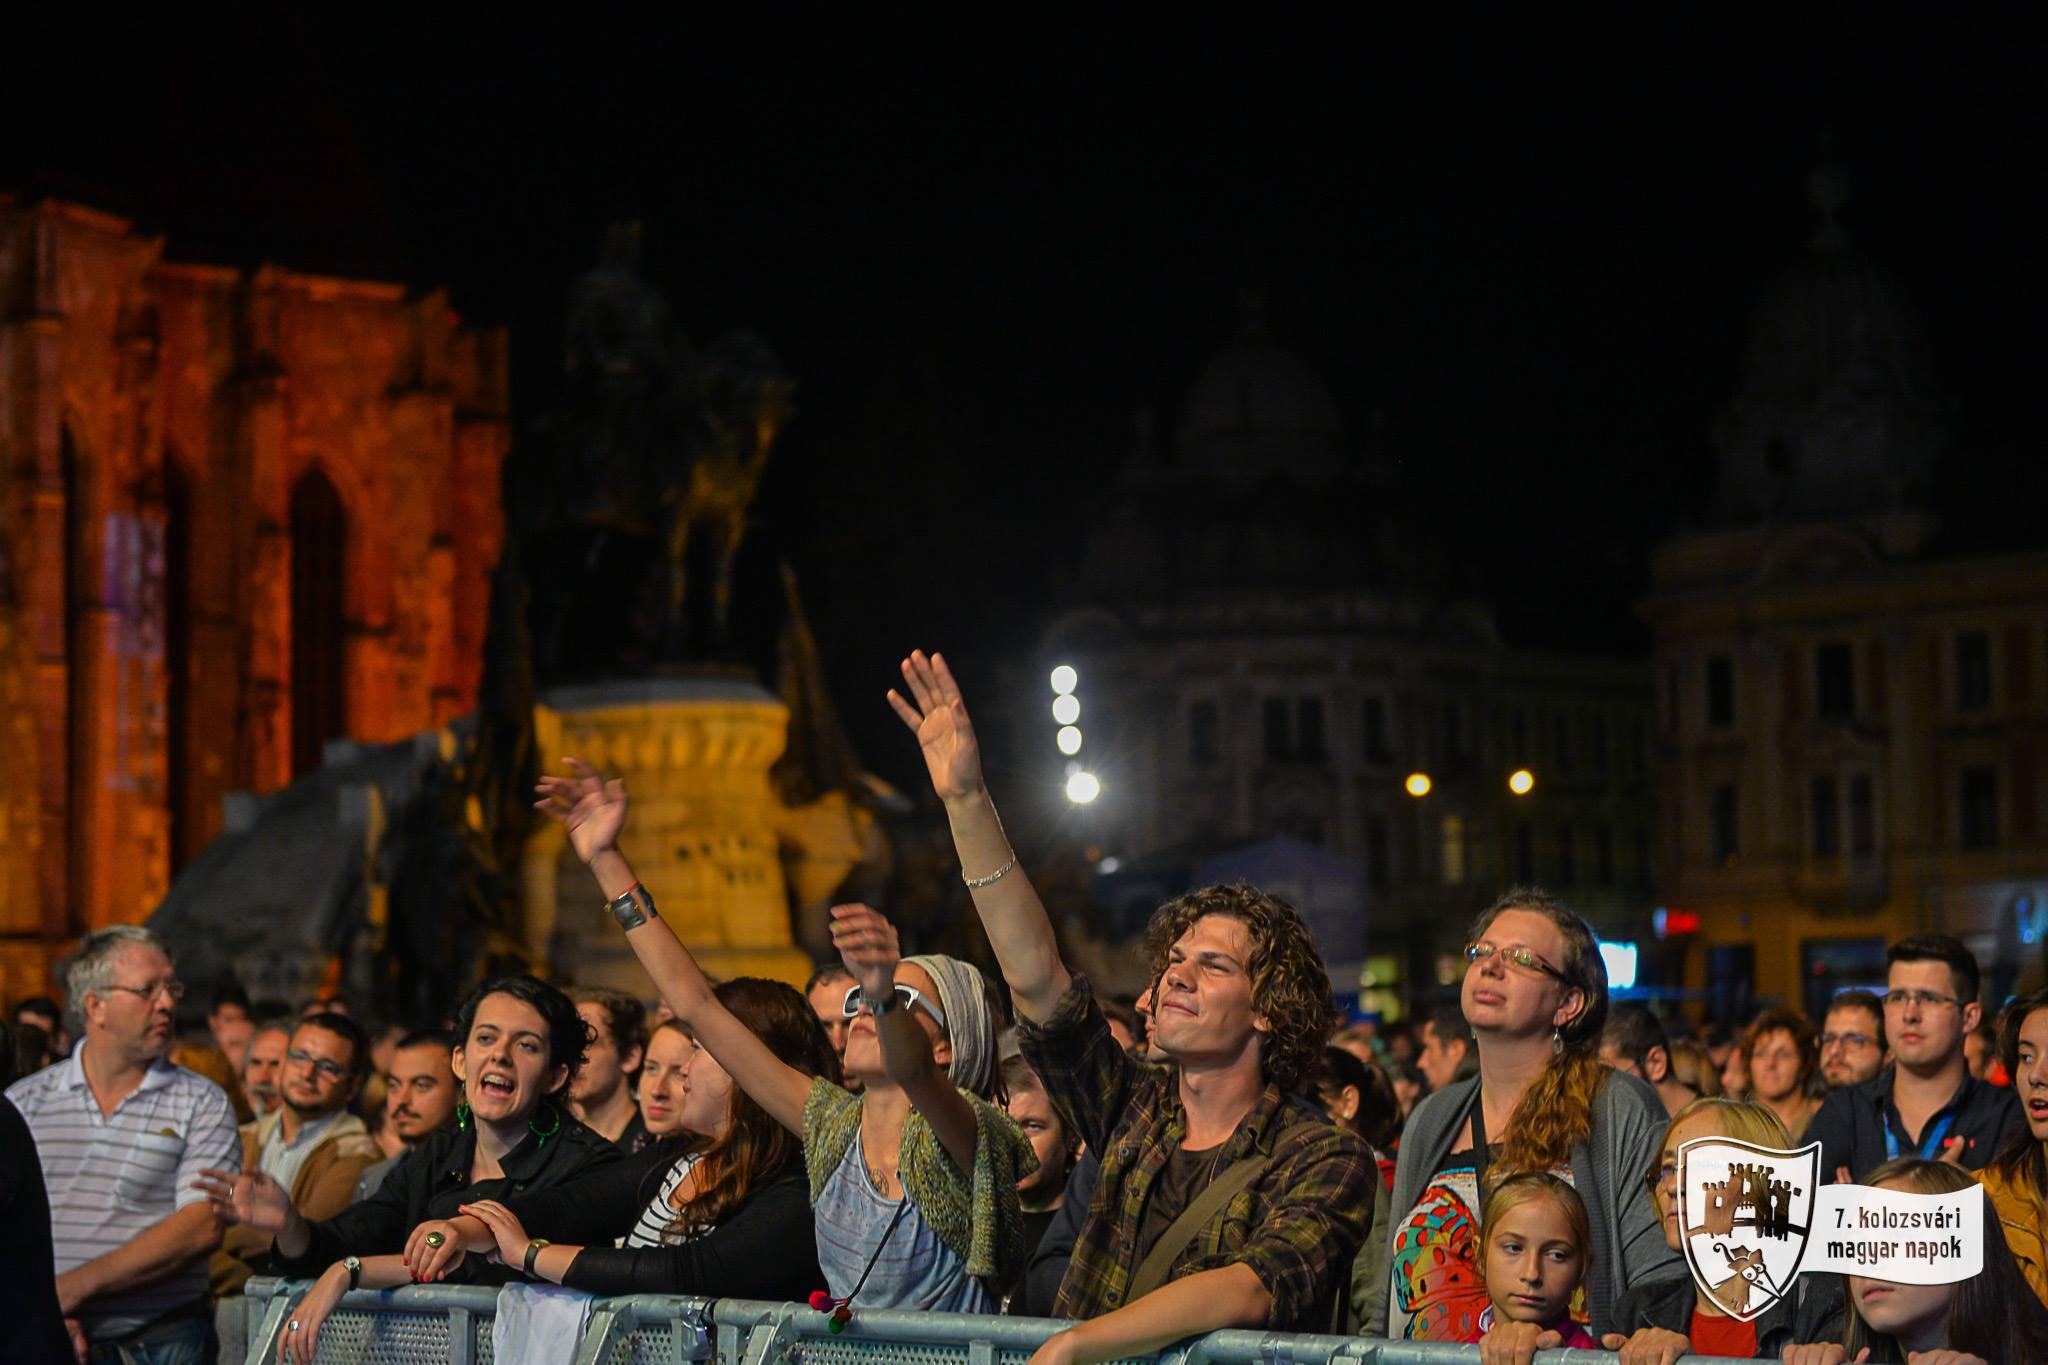 Programul de sâmbătă, 20 august, la Zilele Culturale Maghiare 2016